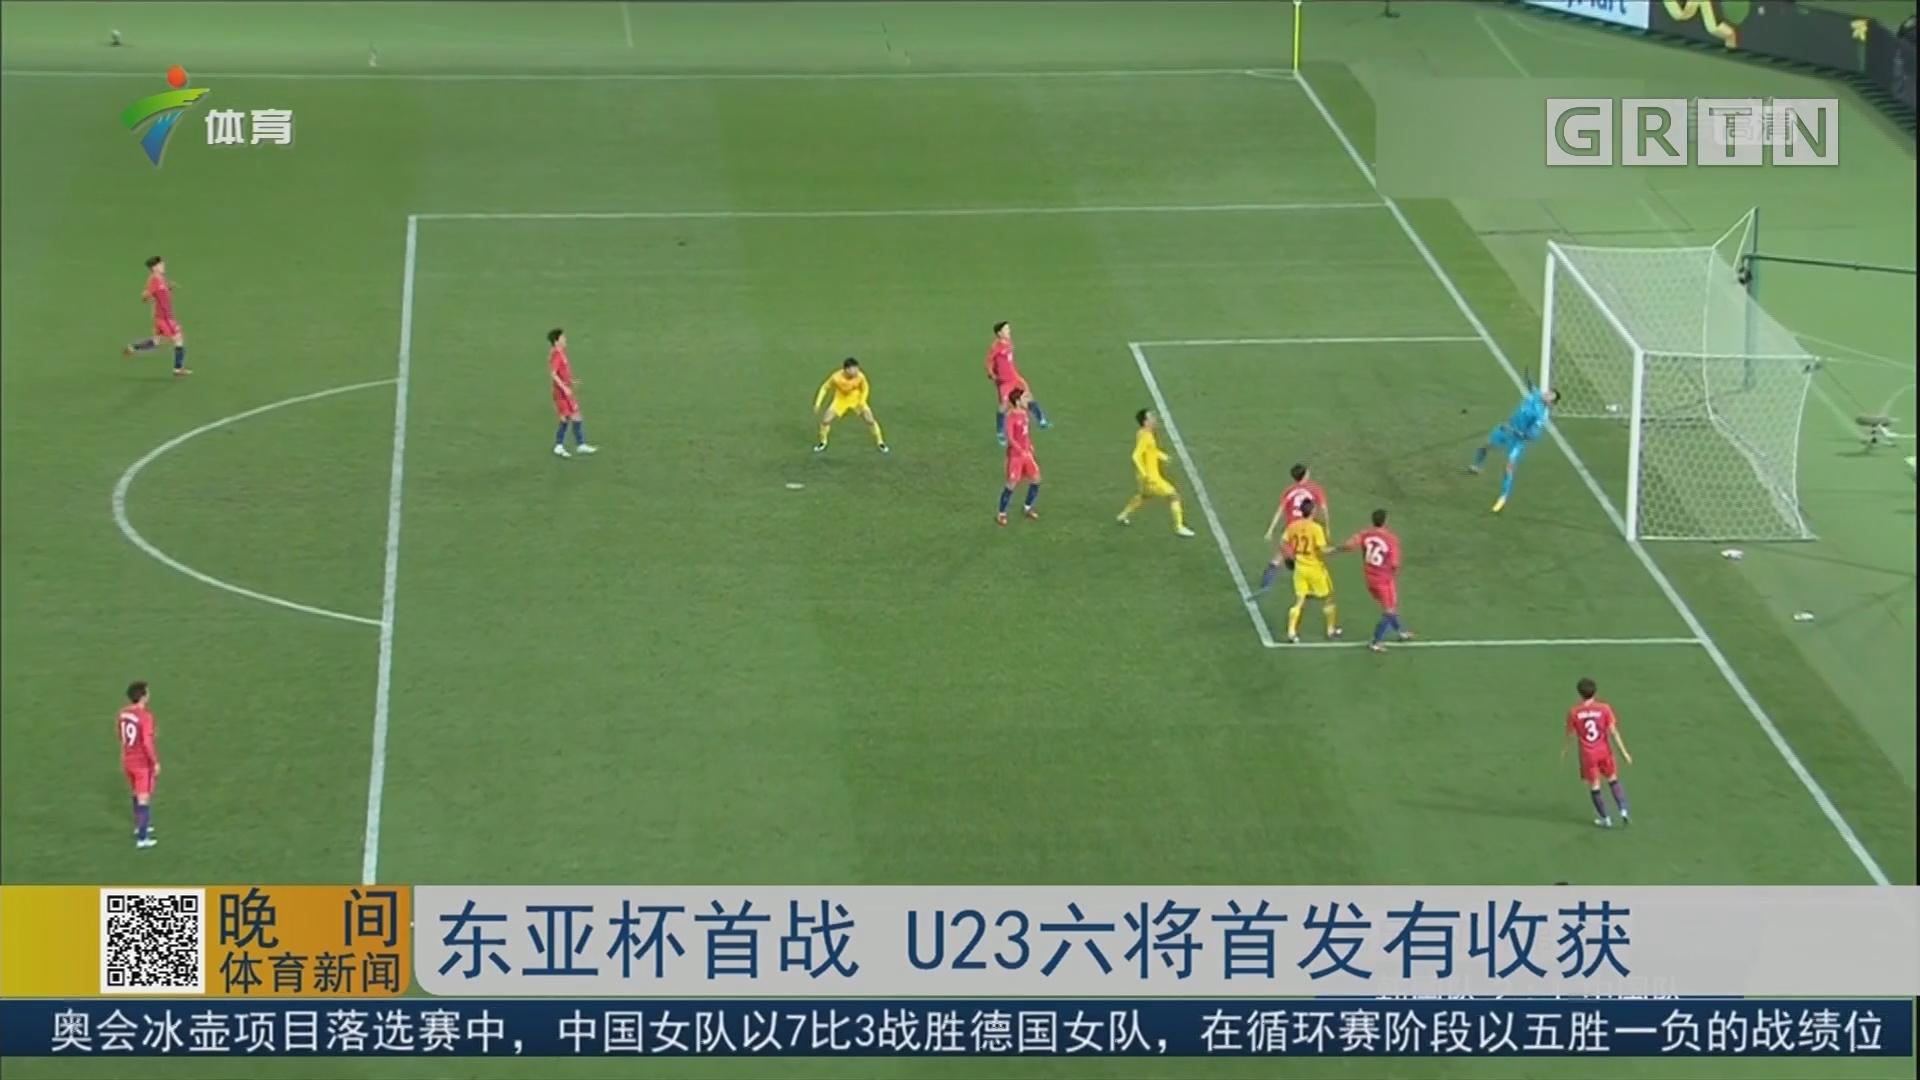 东亚杯首战 U23六将首发有收获